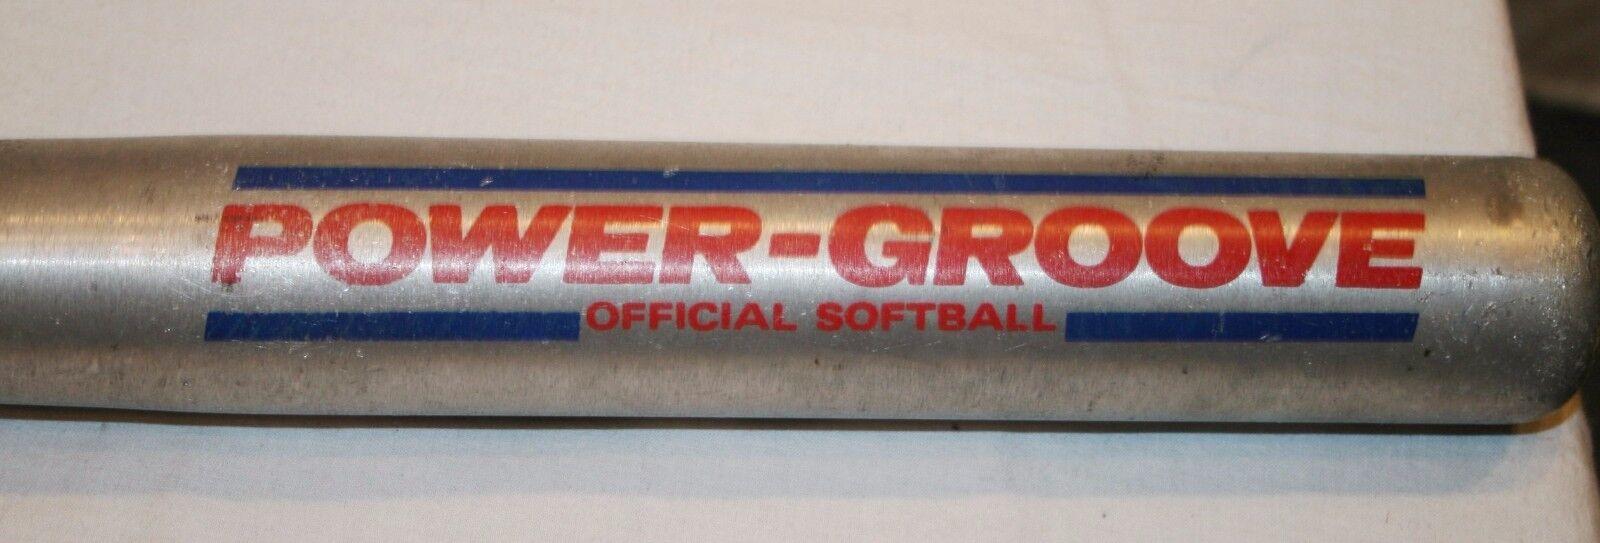 Wilson Power Groove Softball Racchetta A9622 A9622 Racchetta 83.8cm Metallo Alluminio e60b97